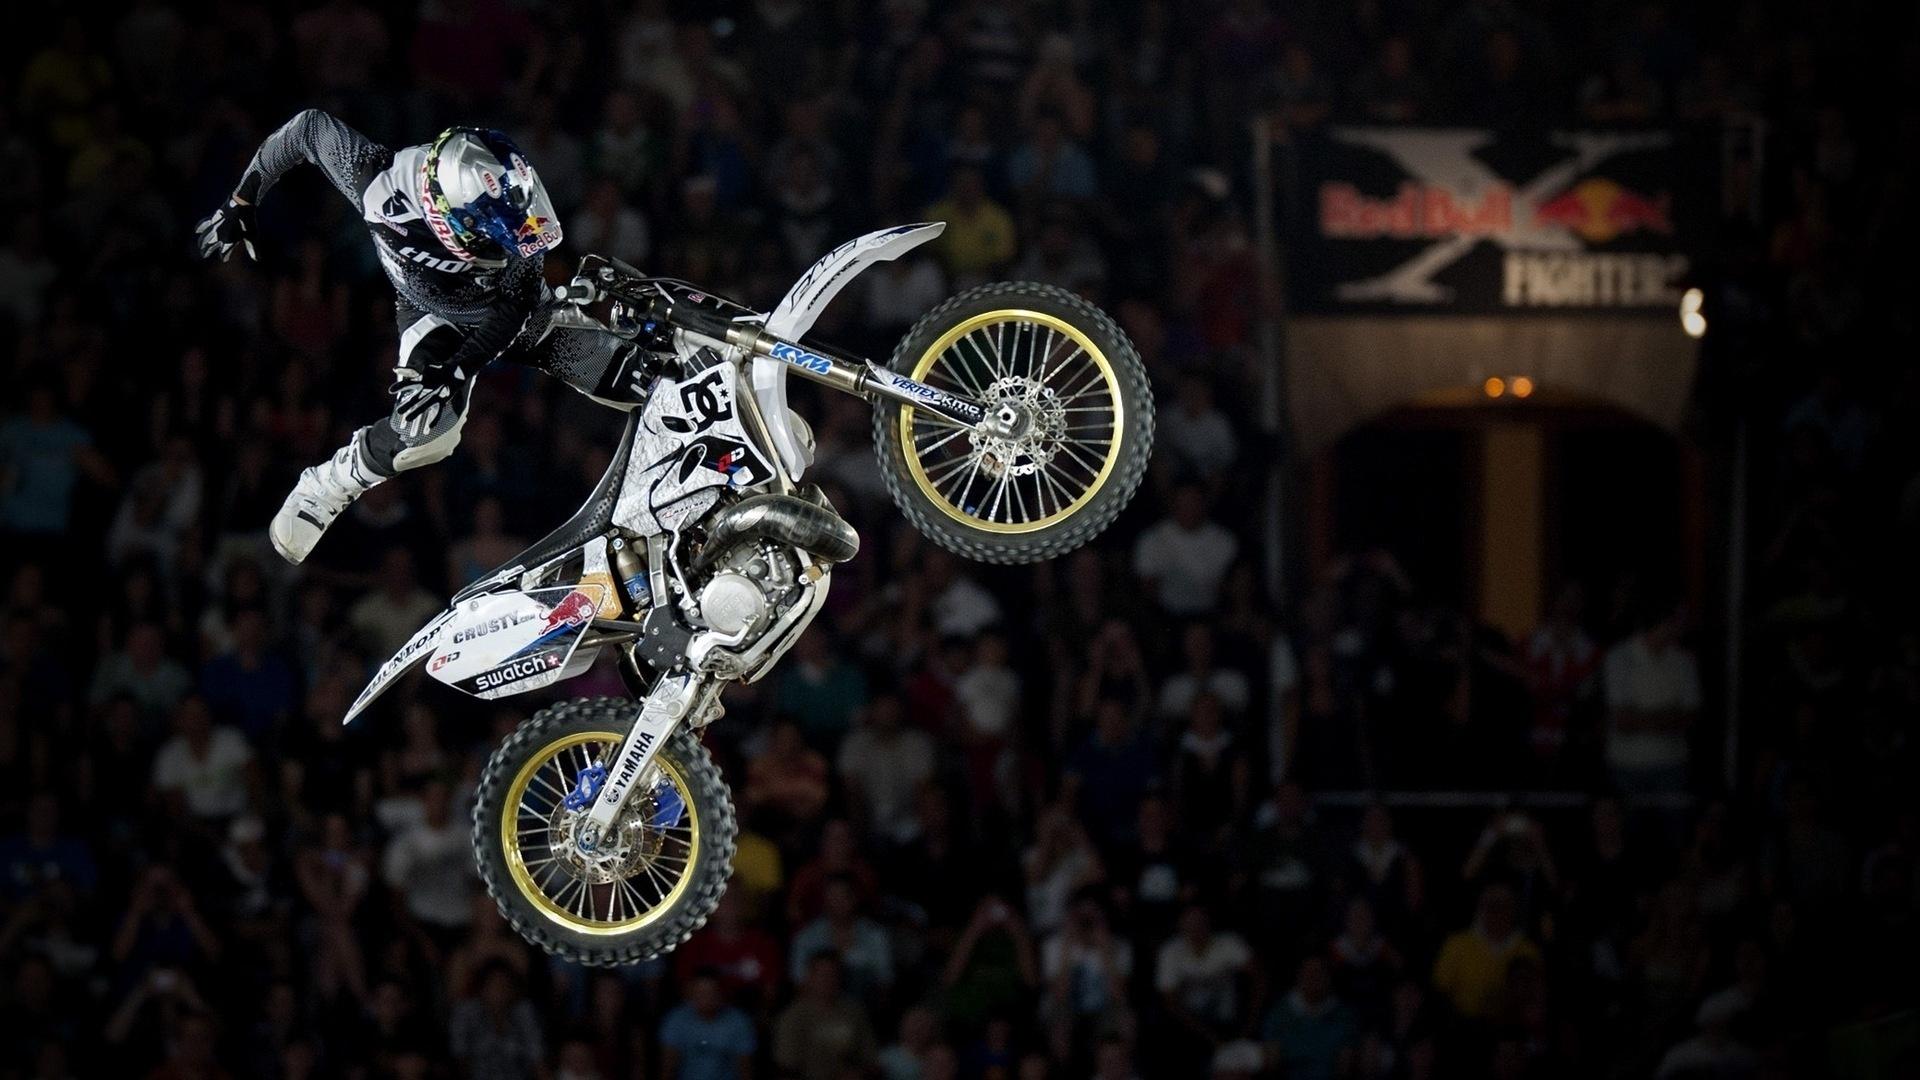 Salto en motocross - 1920x1080